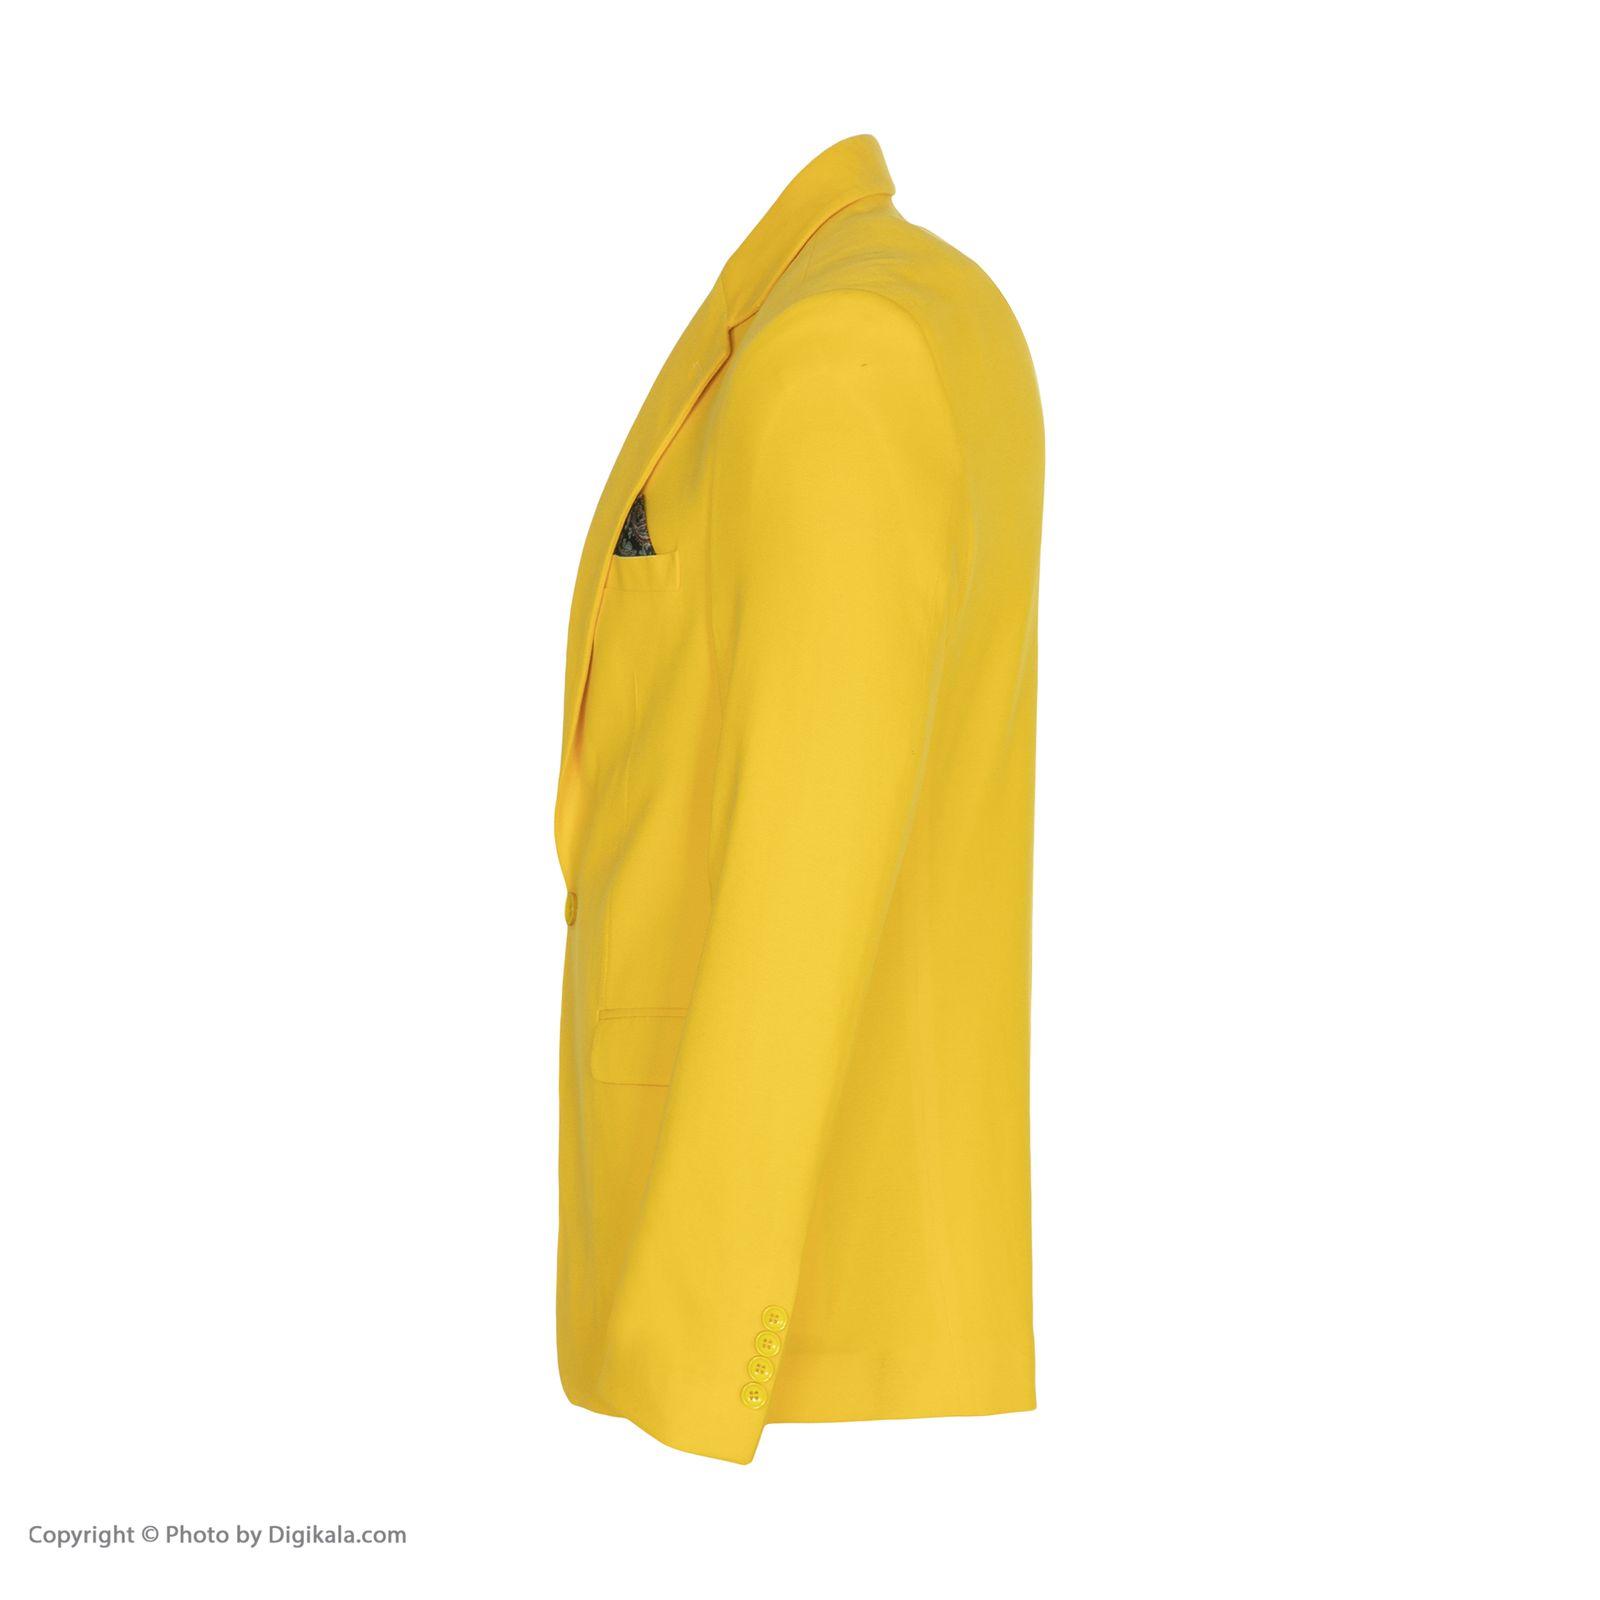 کت تک مردانه ان سی نو مدل جانسو رنگ زرد -  - 4